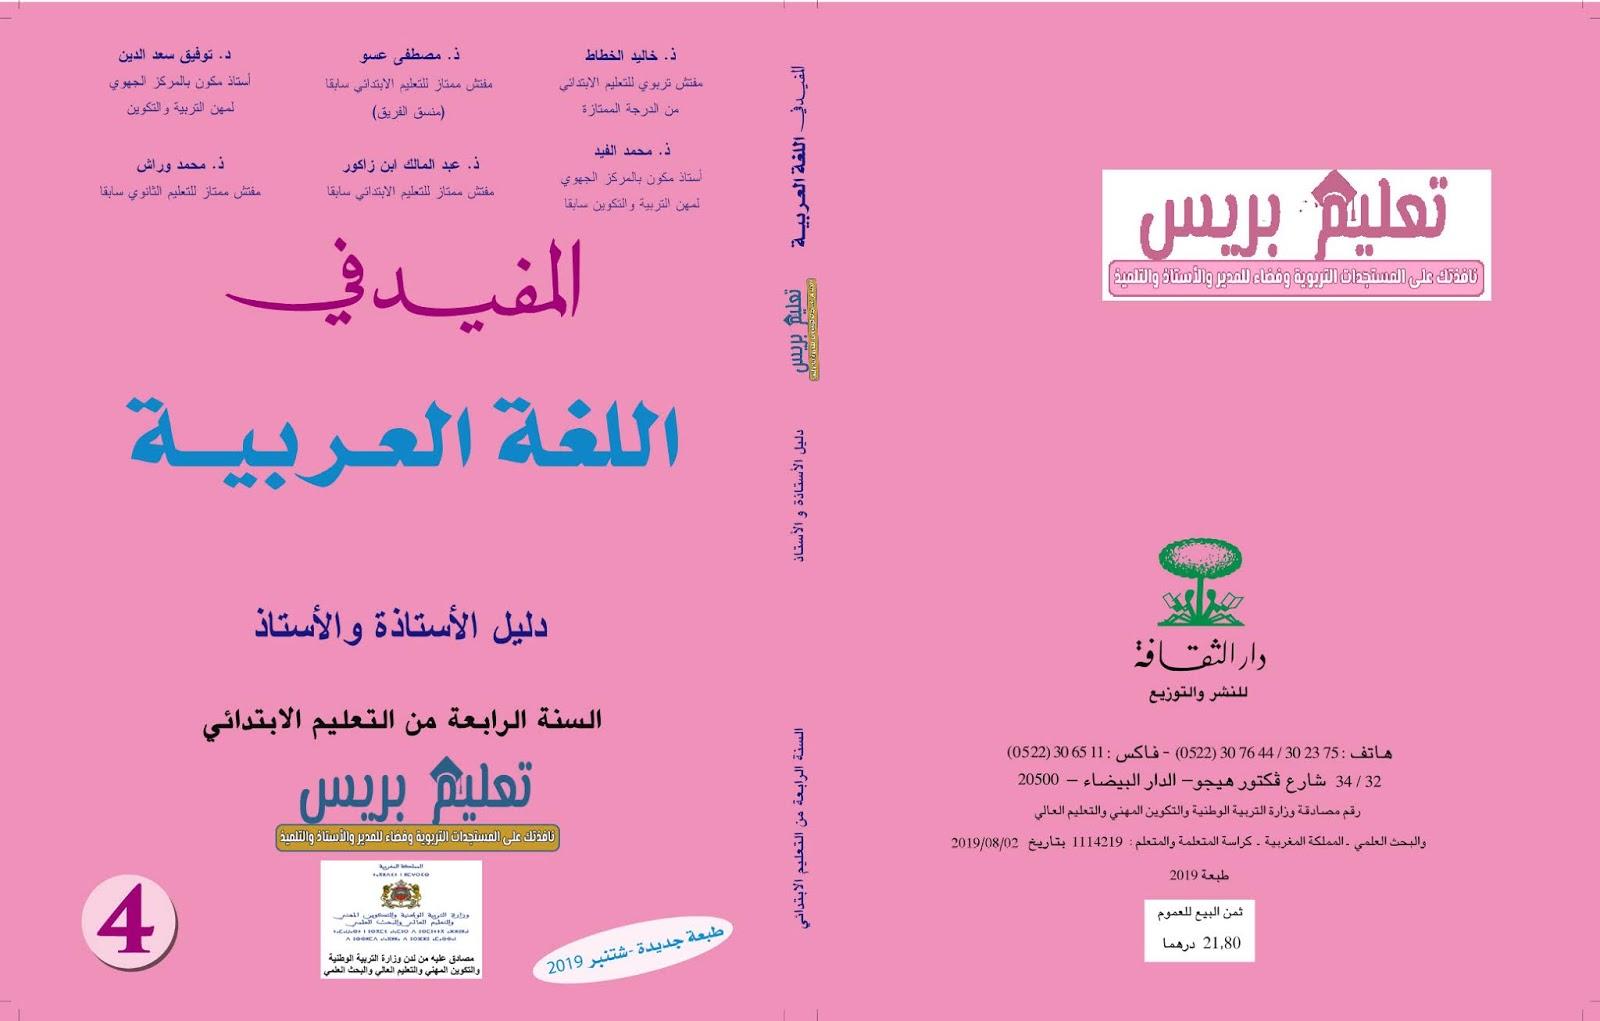 كتاب التلميذ الواضح في اللغة العربية المستوى الرابع